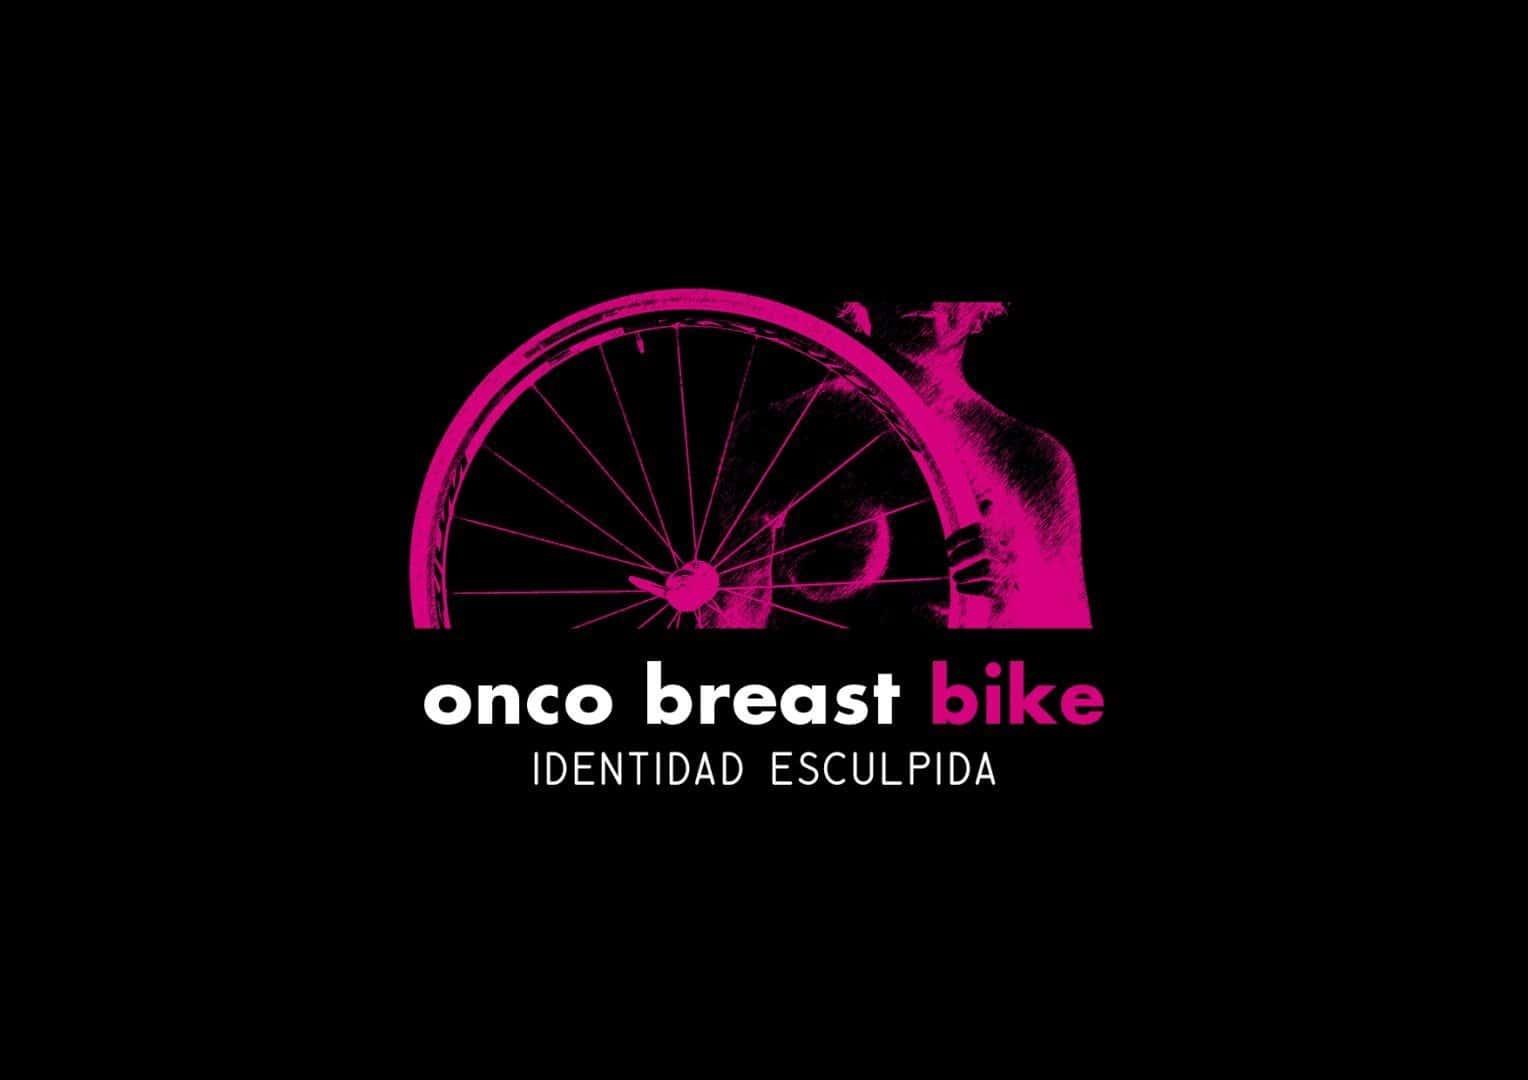 Onco Breast Bike. Cáncer de mama y deporte